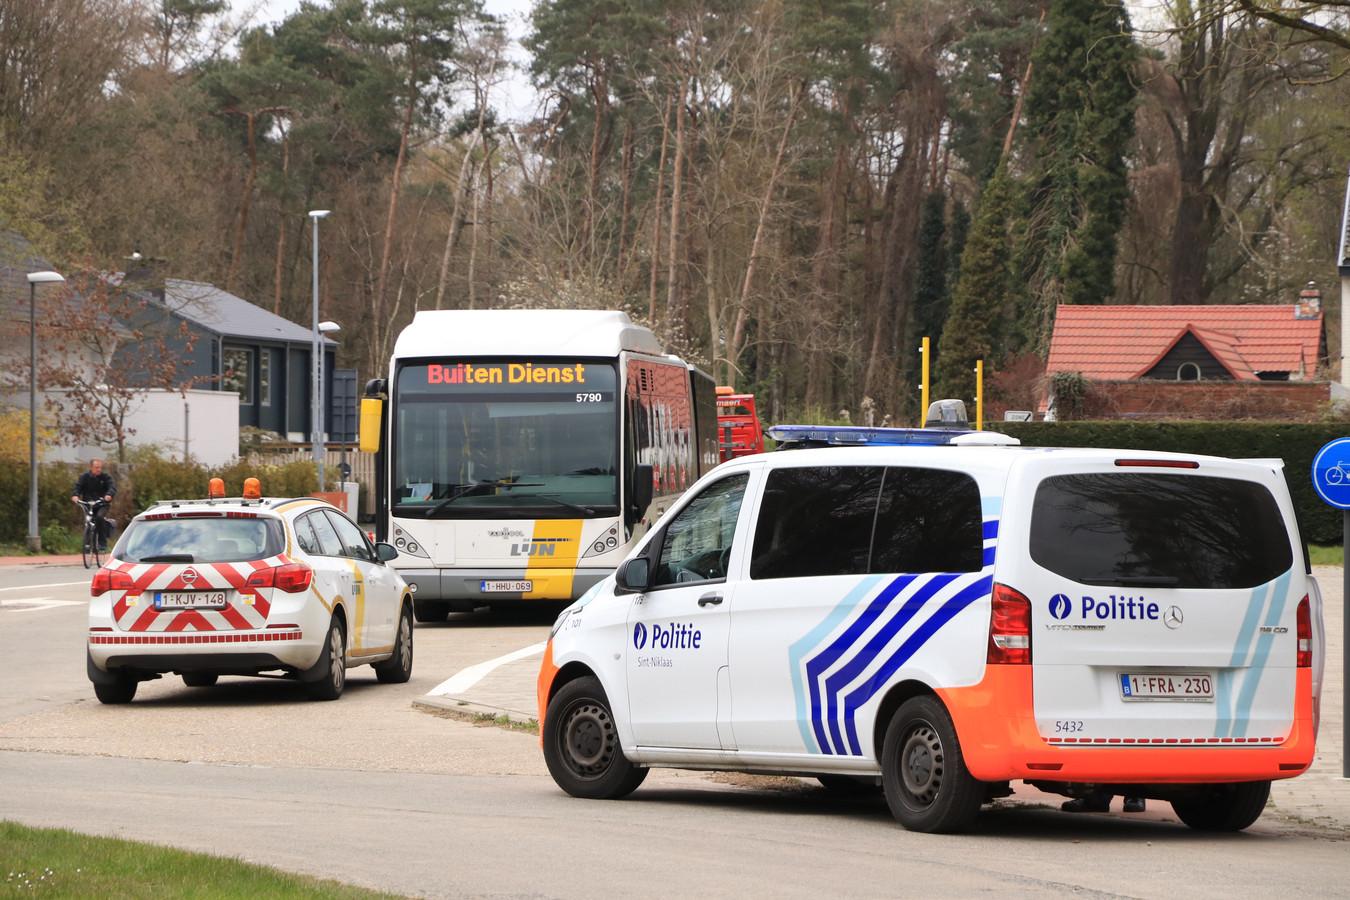 Het incident gebeurde in Sint-Niklaas, een provinciestad tussen Gent en Antwerpen.